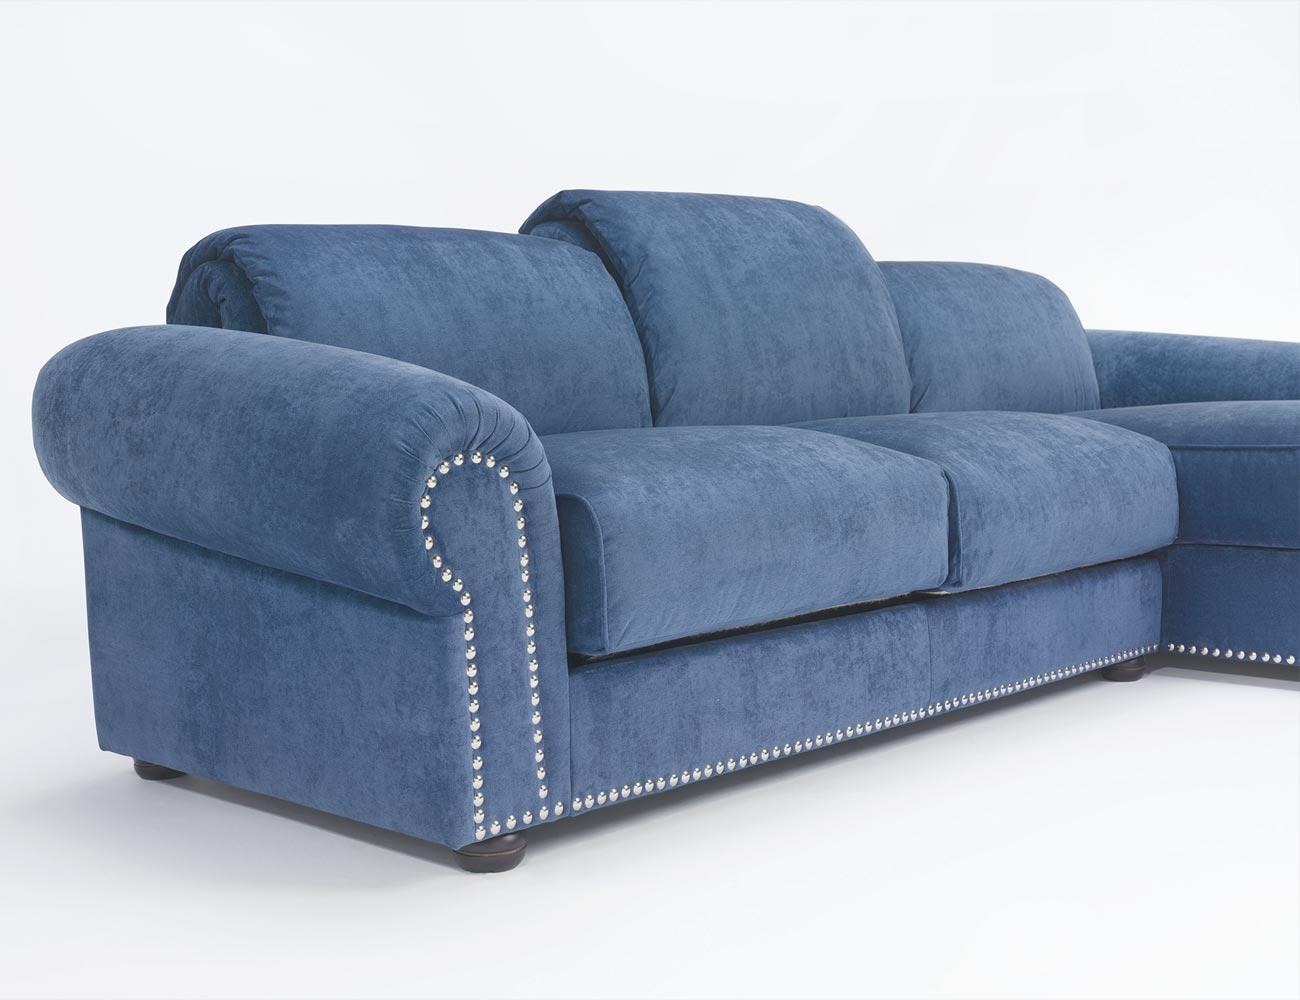 Sofa chaiselongue gran lujo decorativo azul 123